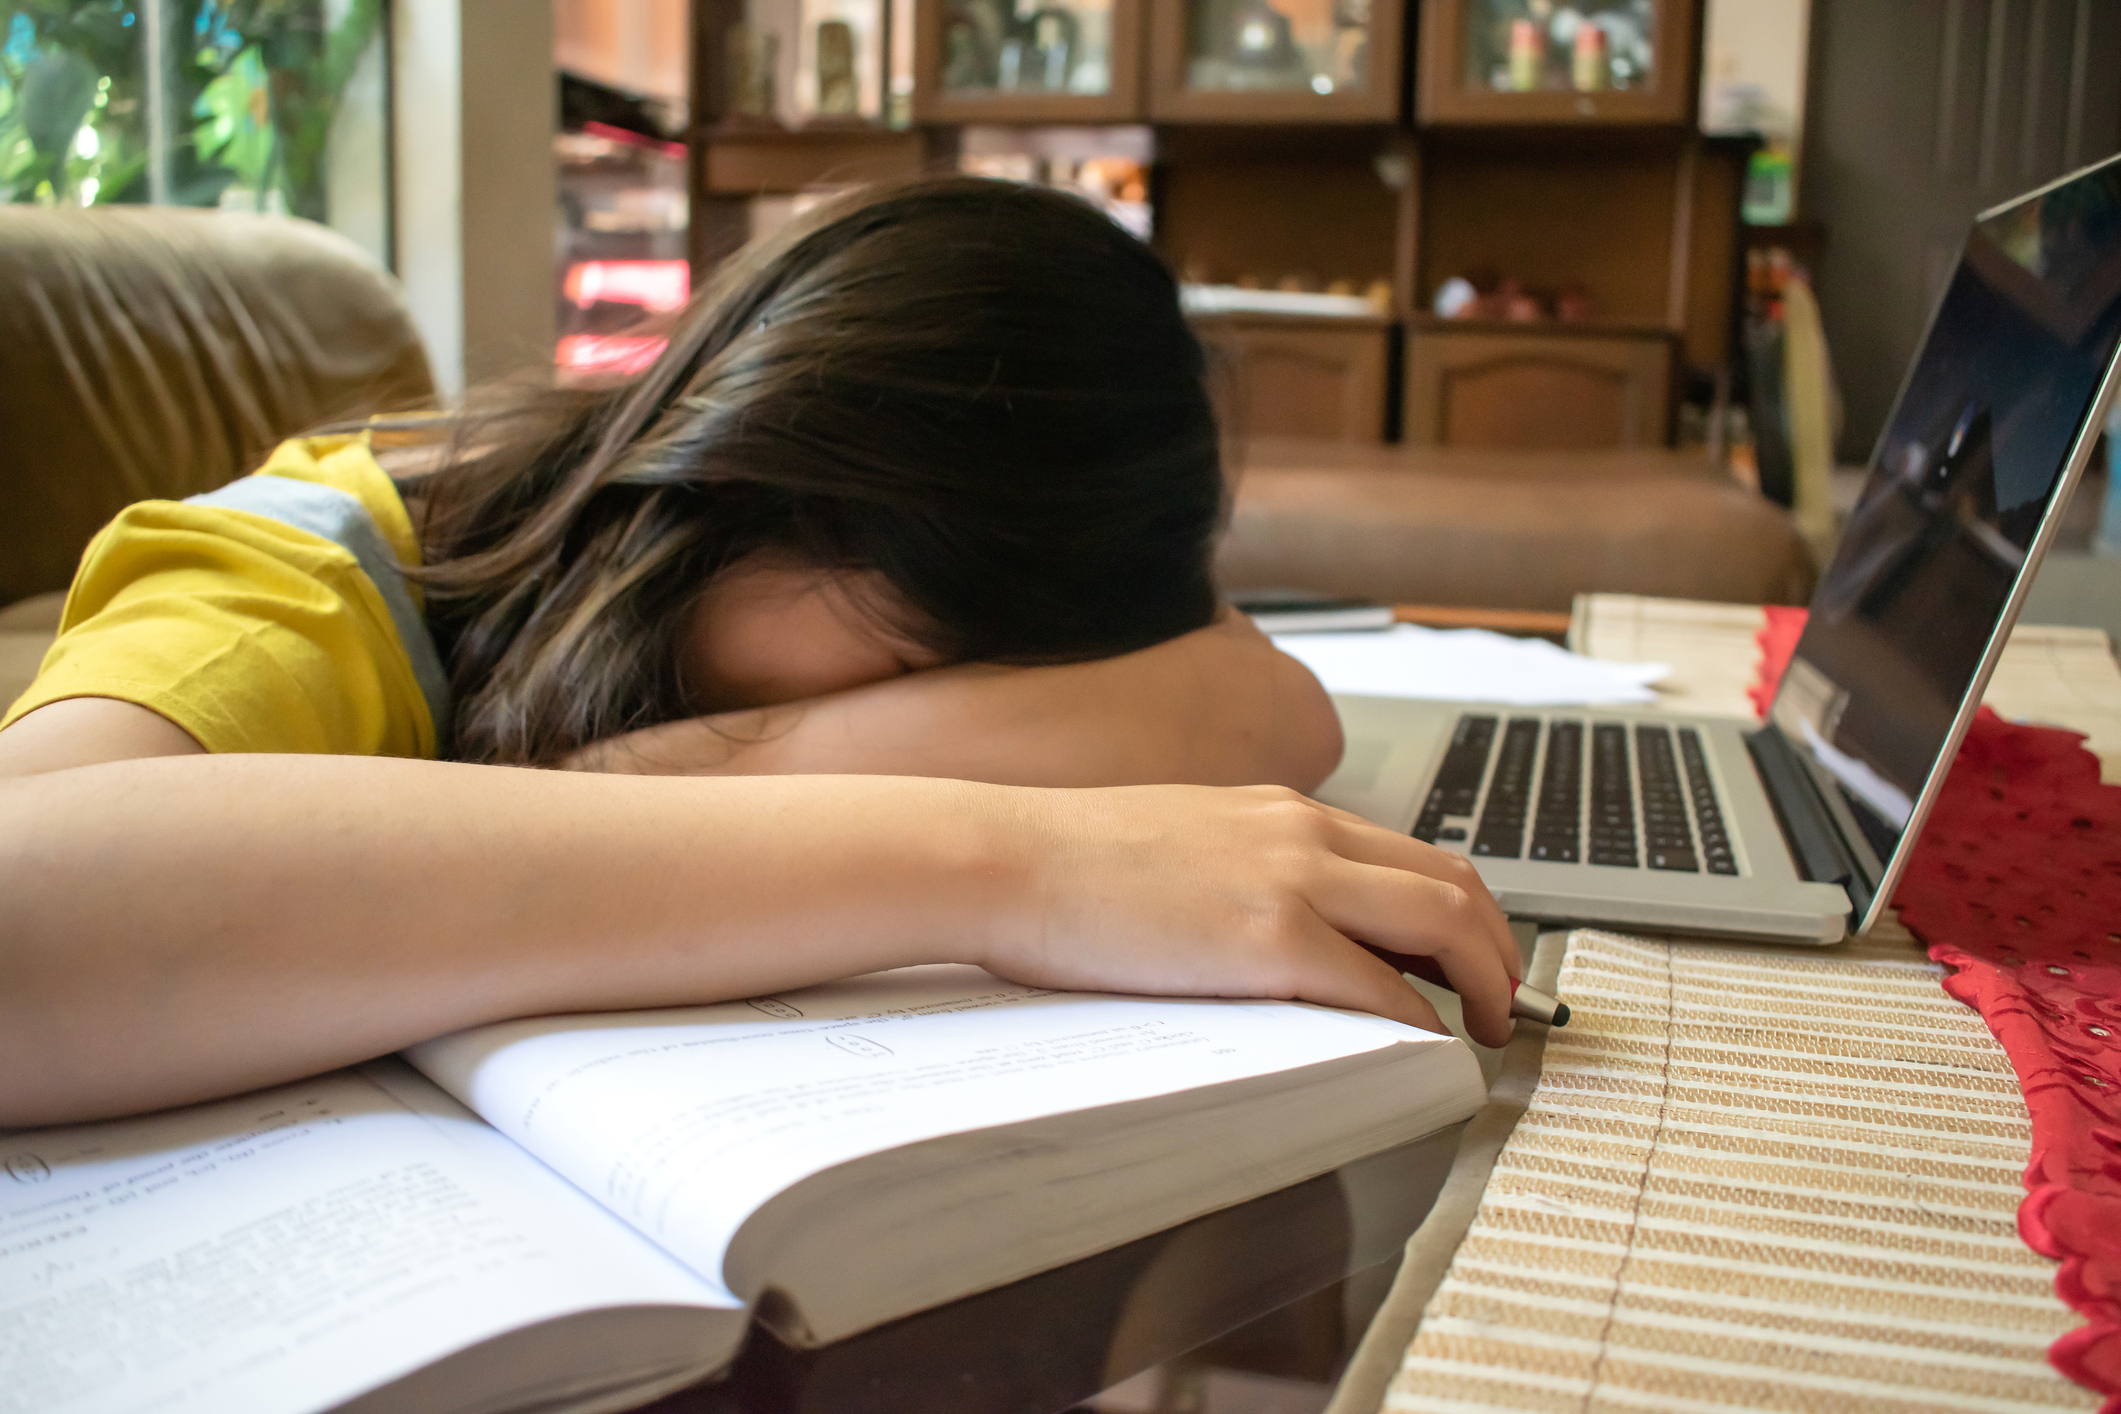 Na imagem, uma menina com a cabeça deitada nos livros e com sono